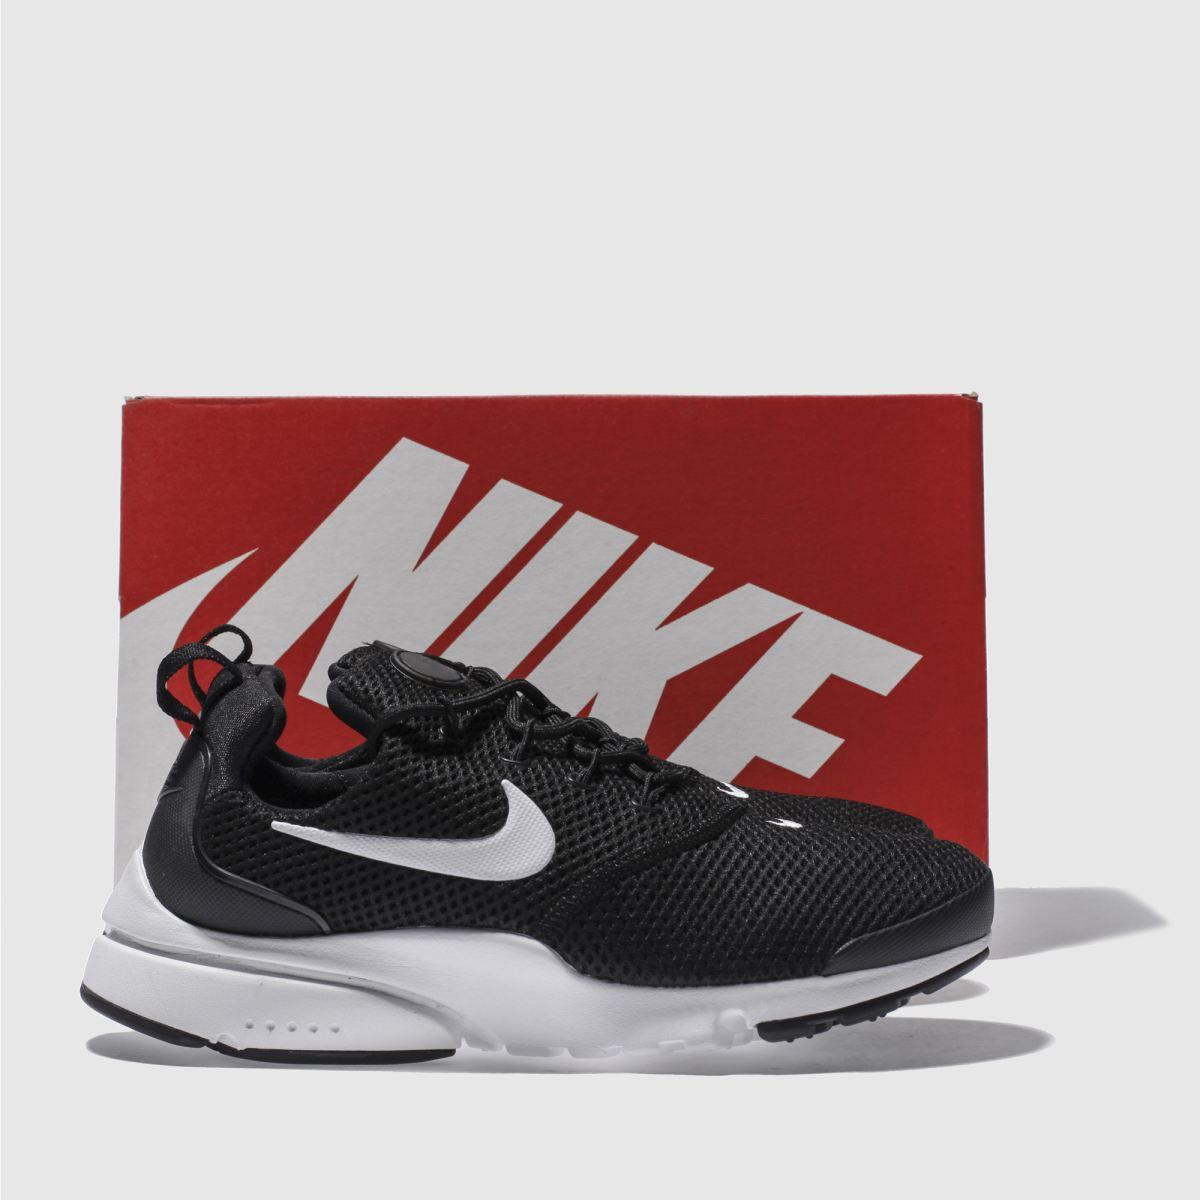 Damen schuh Schwarz-weiß nike Presto Fly Sneaker | schuh Damen Gute Qualität beliebte Schuhe 9f55d0